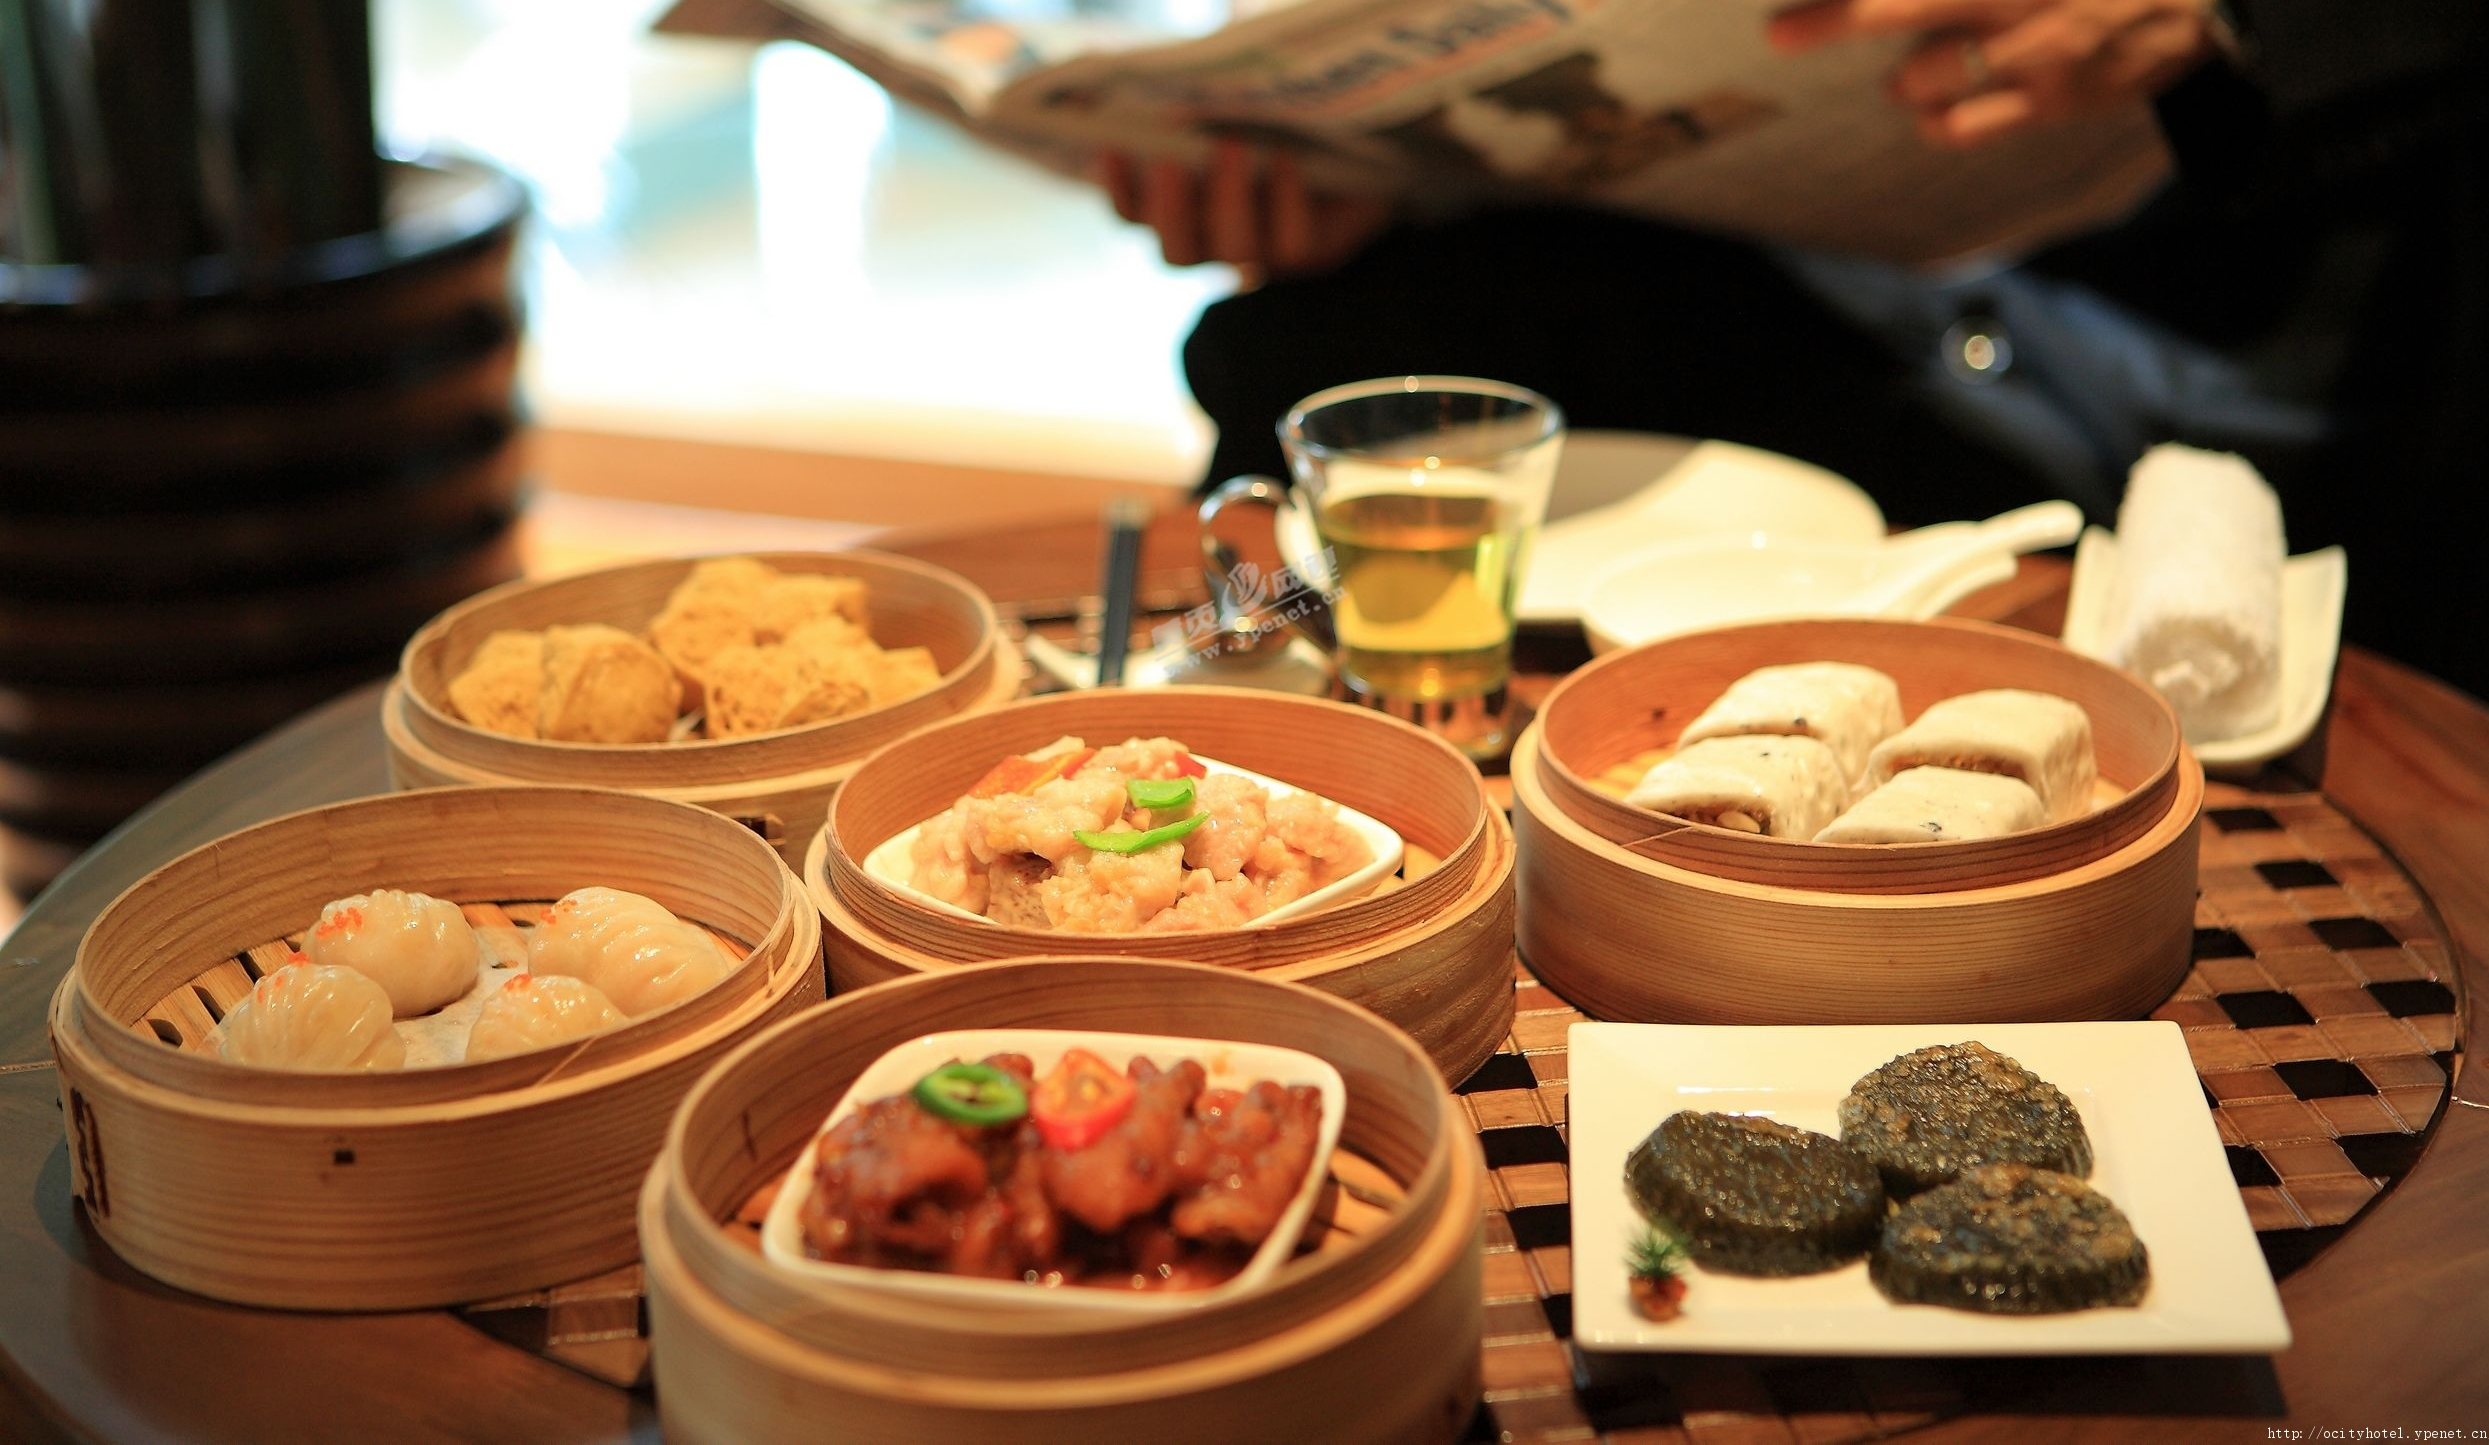 吃货们请注意!广州好吃的点心攻略,每一道点心都好吃到爆